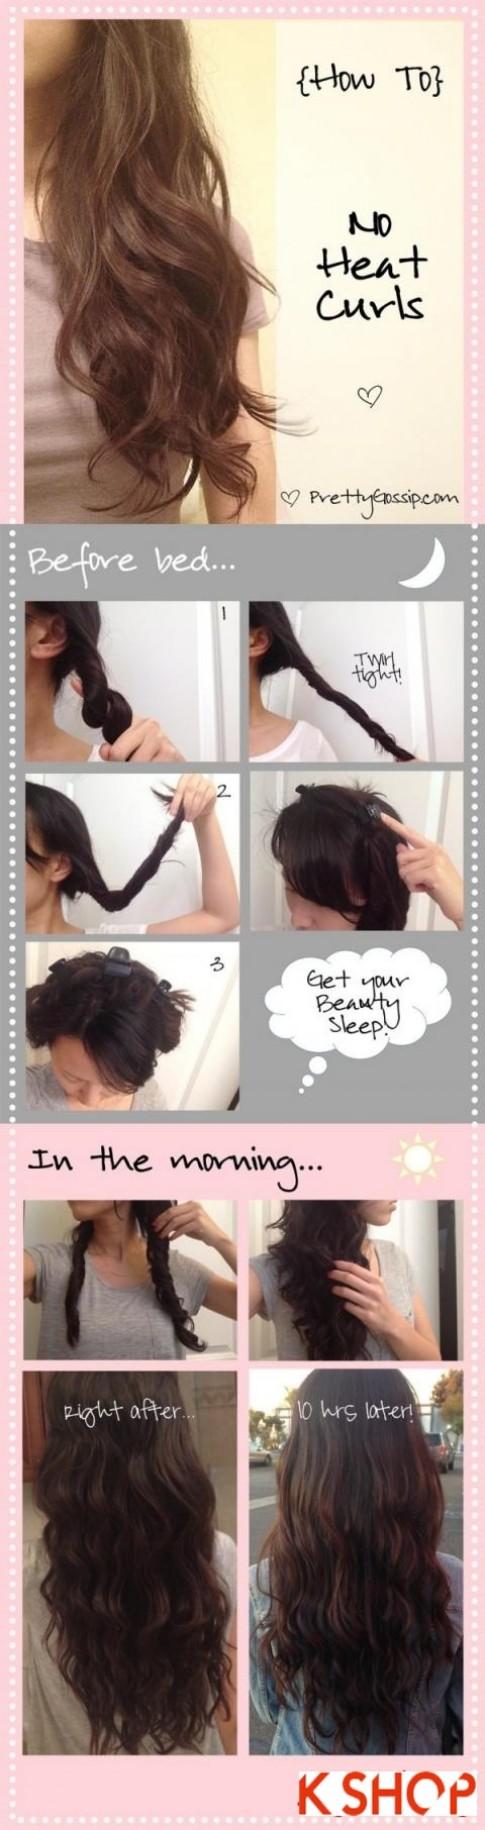 Hướng dẫn 4 cách làm mái tóc xoăn tự nhiên đẹp dễ làm cho bạn gái